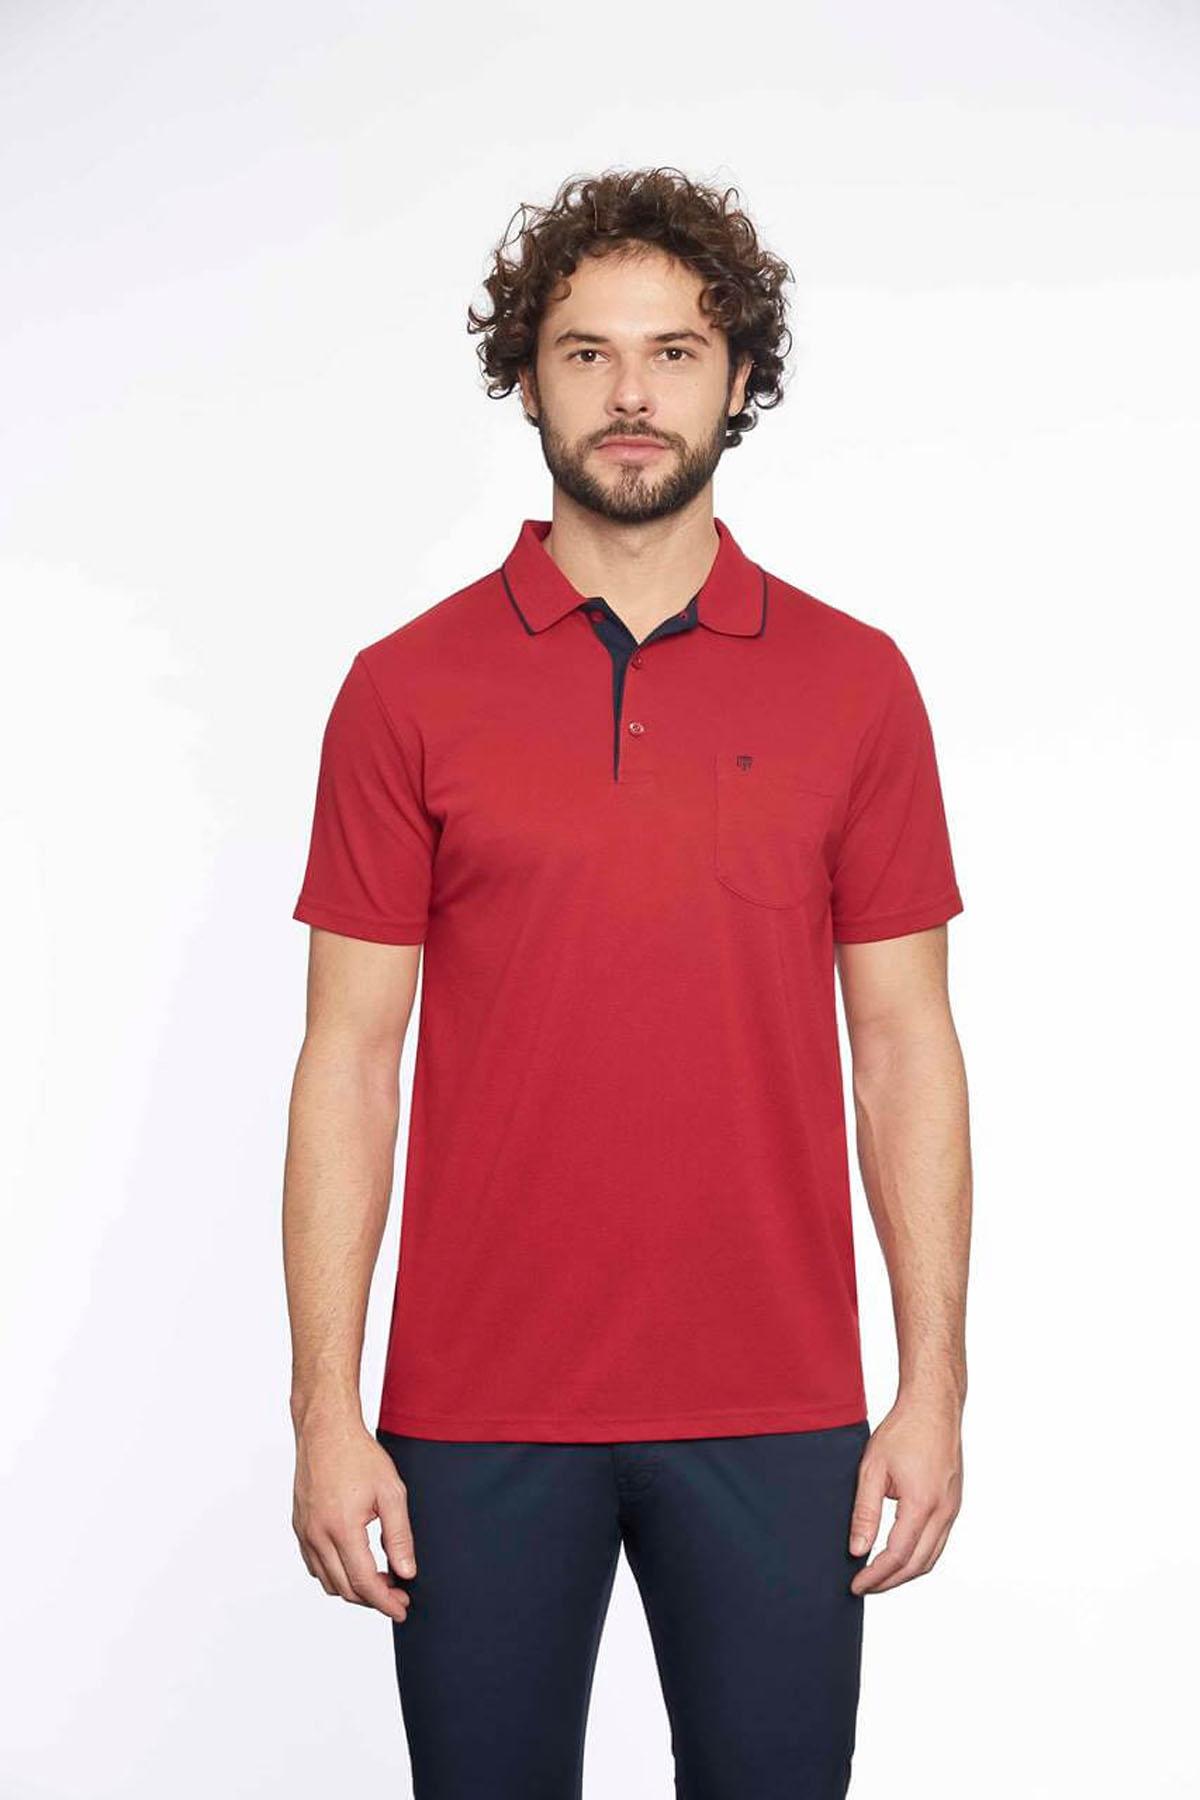 Polo Yaka Erkek T-Shirt M.Kırmızı